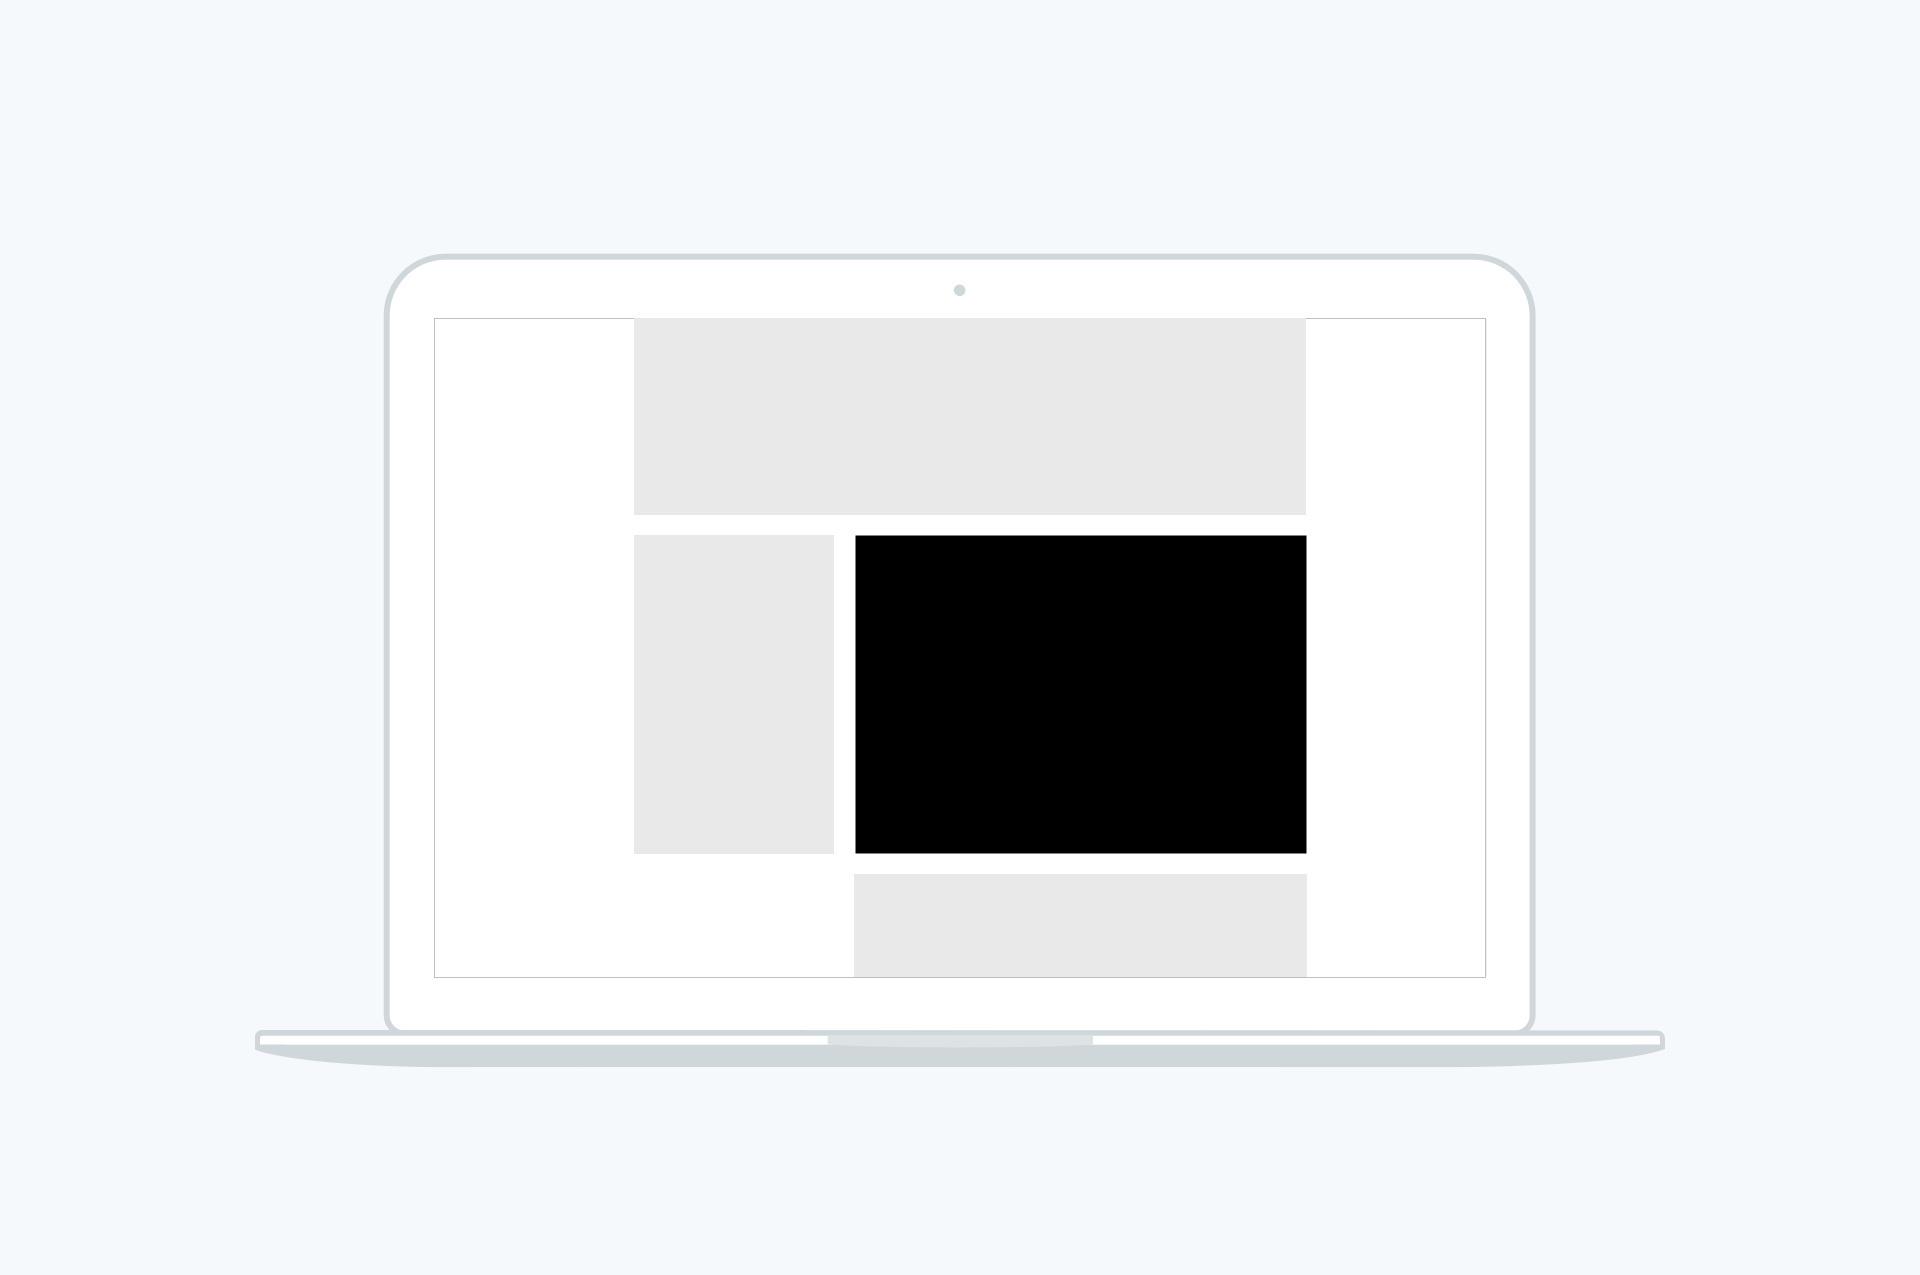 Desktop - Netboard